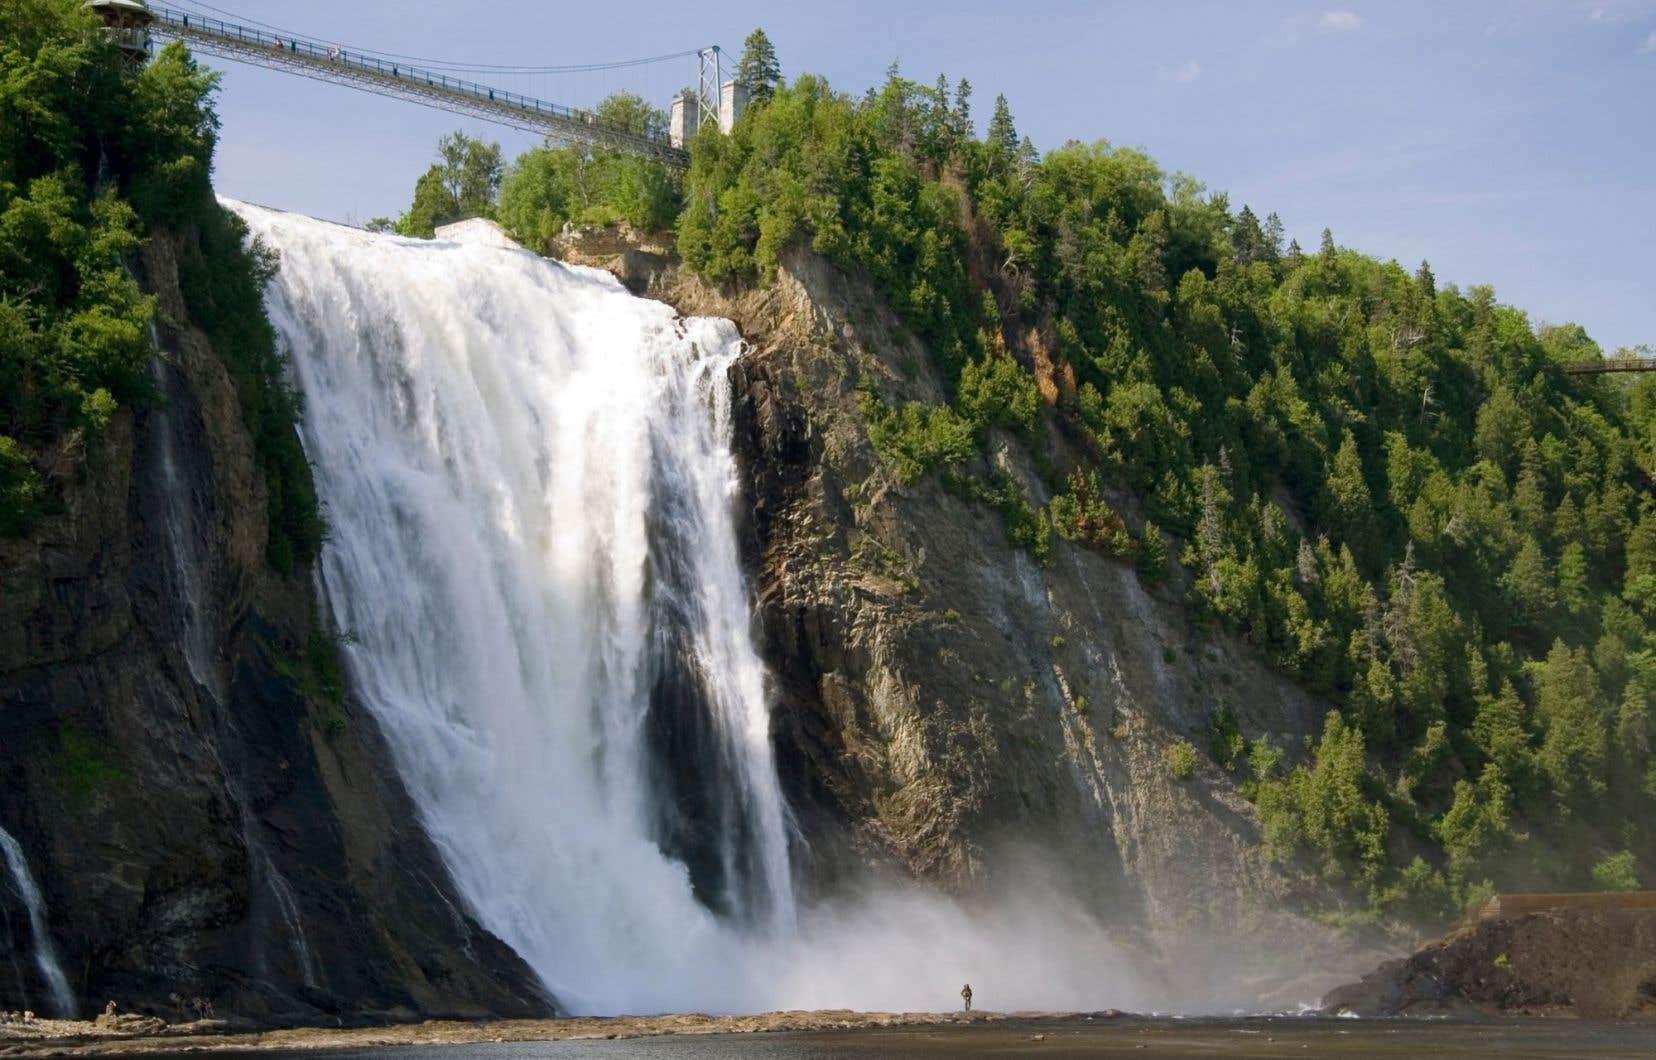 Le parc de la Chute-Montmorency constitue le second attrait touristique de la région de la Capitale-Nationale derrière l'arrondissement historique du Vieux-Québec.